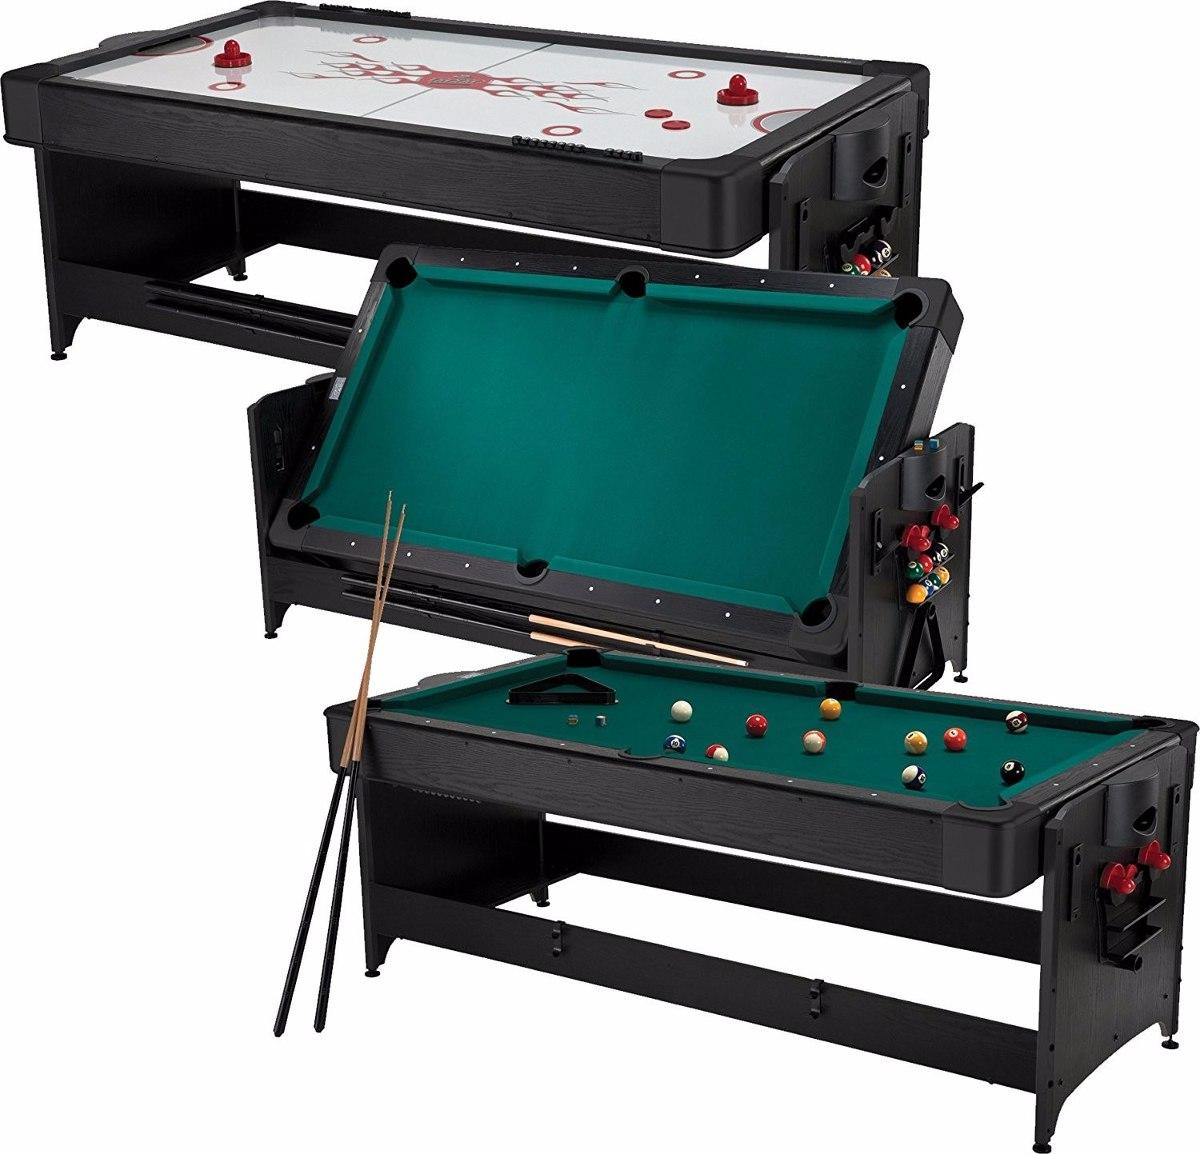 Fat cat 7 ft mesa billar hockey aire juego 2 en 1 rotable for Table 2 en 1